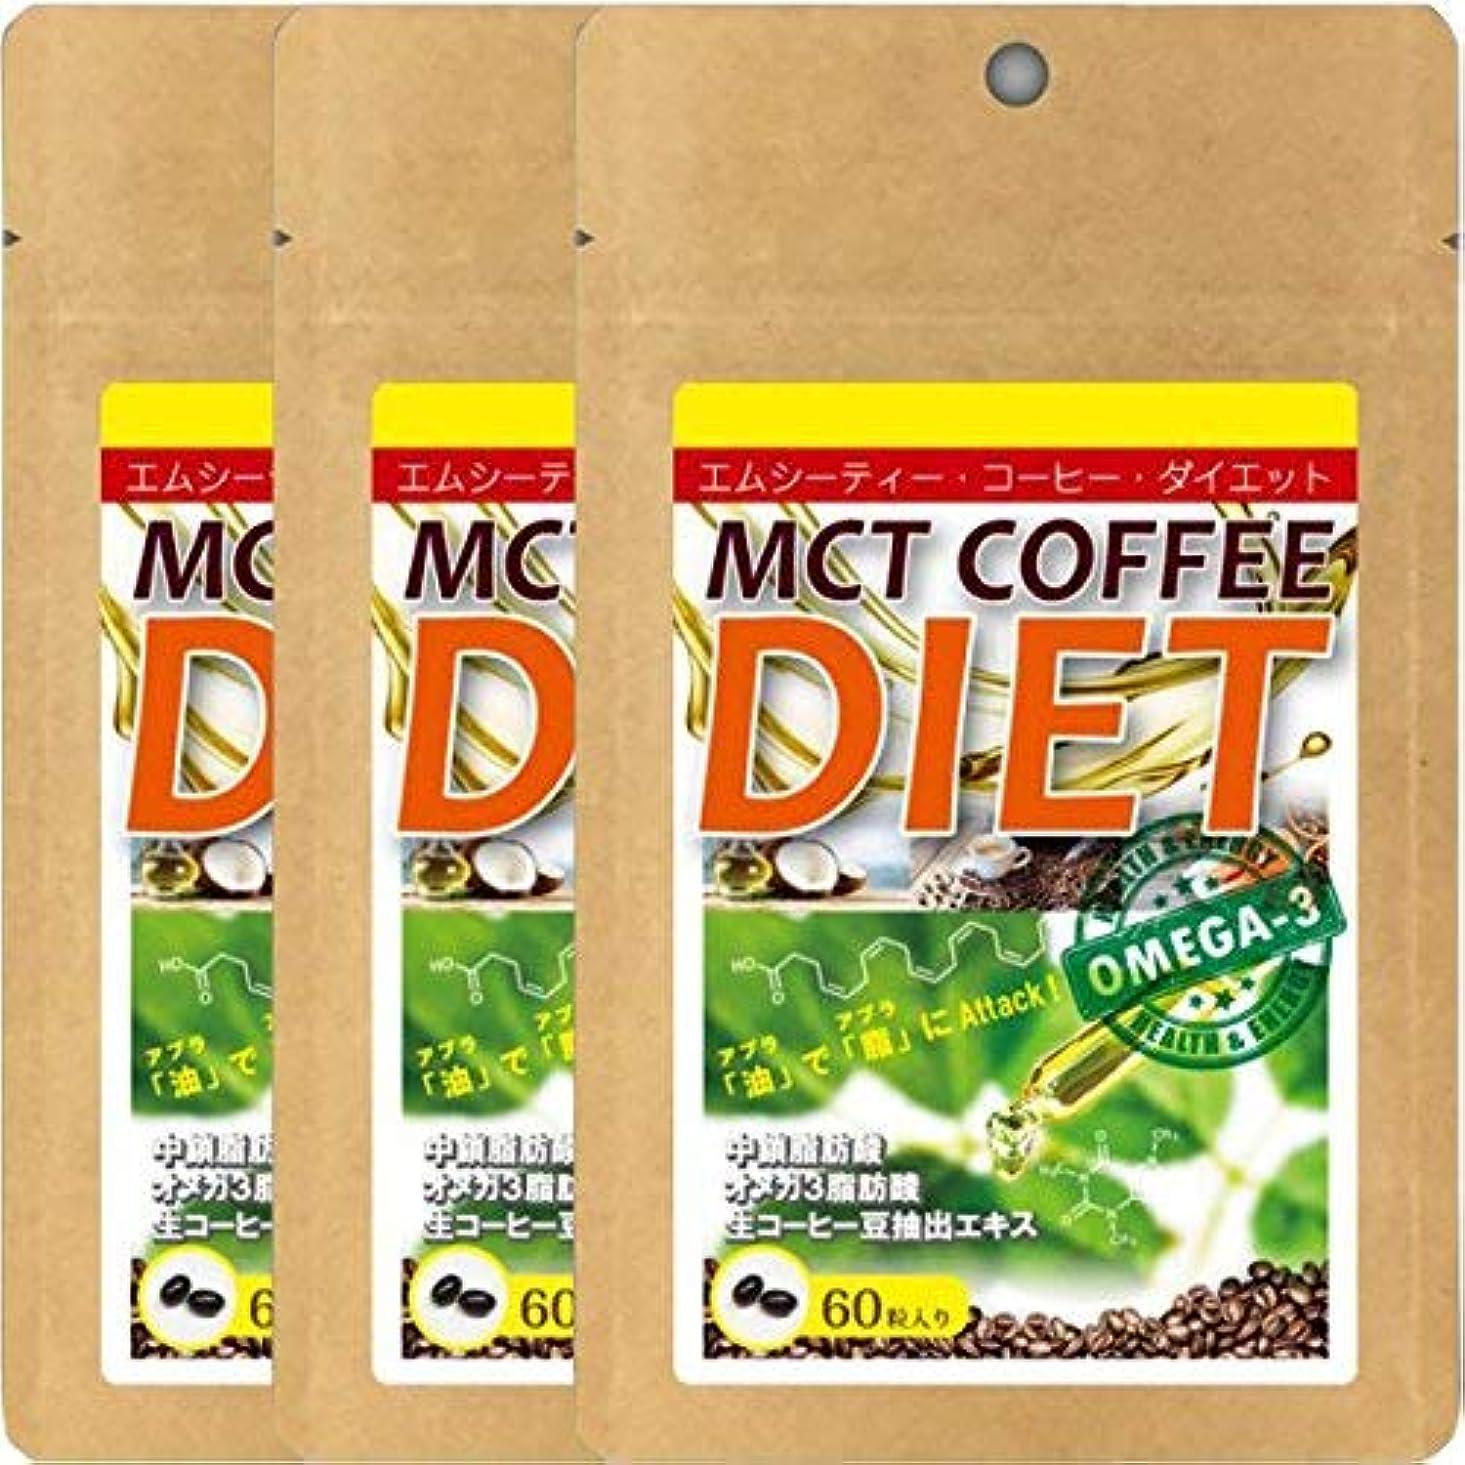 【MCTオイル】MCTコーヒーダイエット 3個セット 【10% OFF !! 】 60カプセル入り